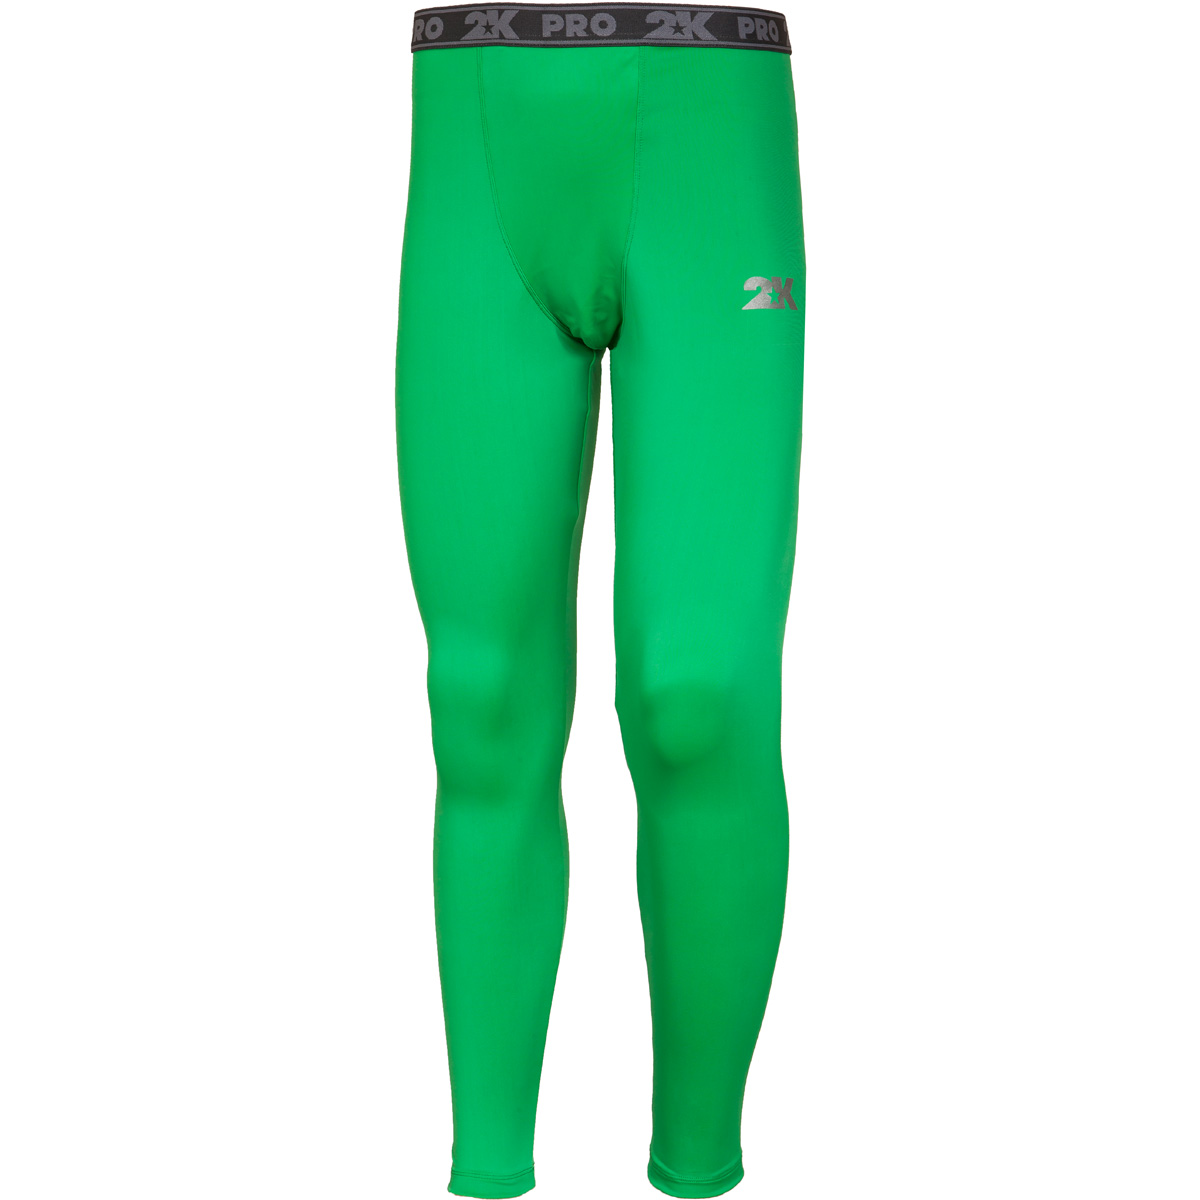 Тайтсы мужские 2K Sport Fenix, цвет: зеленый. 120905. Размер S (46)120905_greenТайтсы анатомического покроя выполнены из высококачественного материала. Обтягивающие тайтсы дополнены широкой эластичной резинкой на талии.